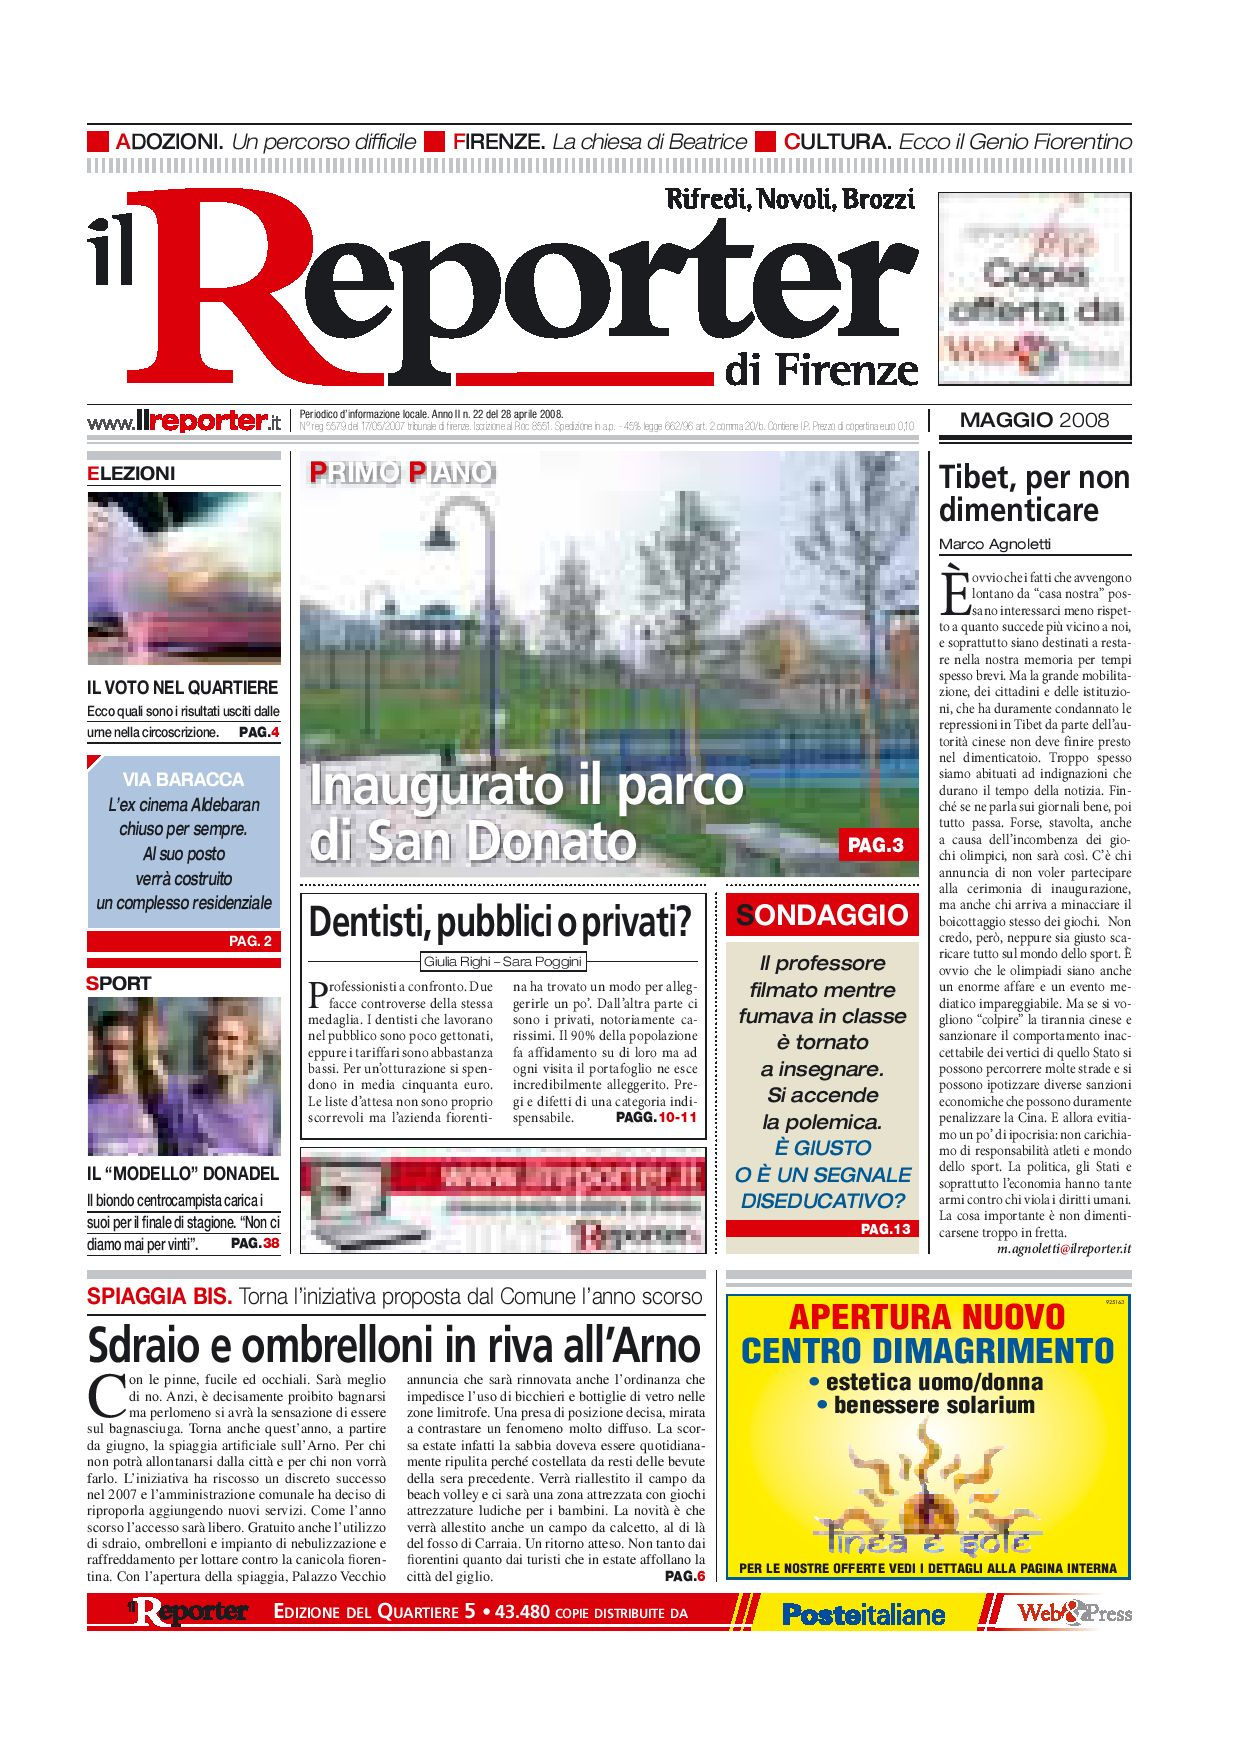 Alfa Edil Firenze Srl il reporter - quartiere 5 - maggio 08 by ilreporter - issuu